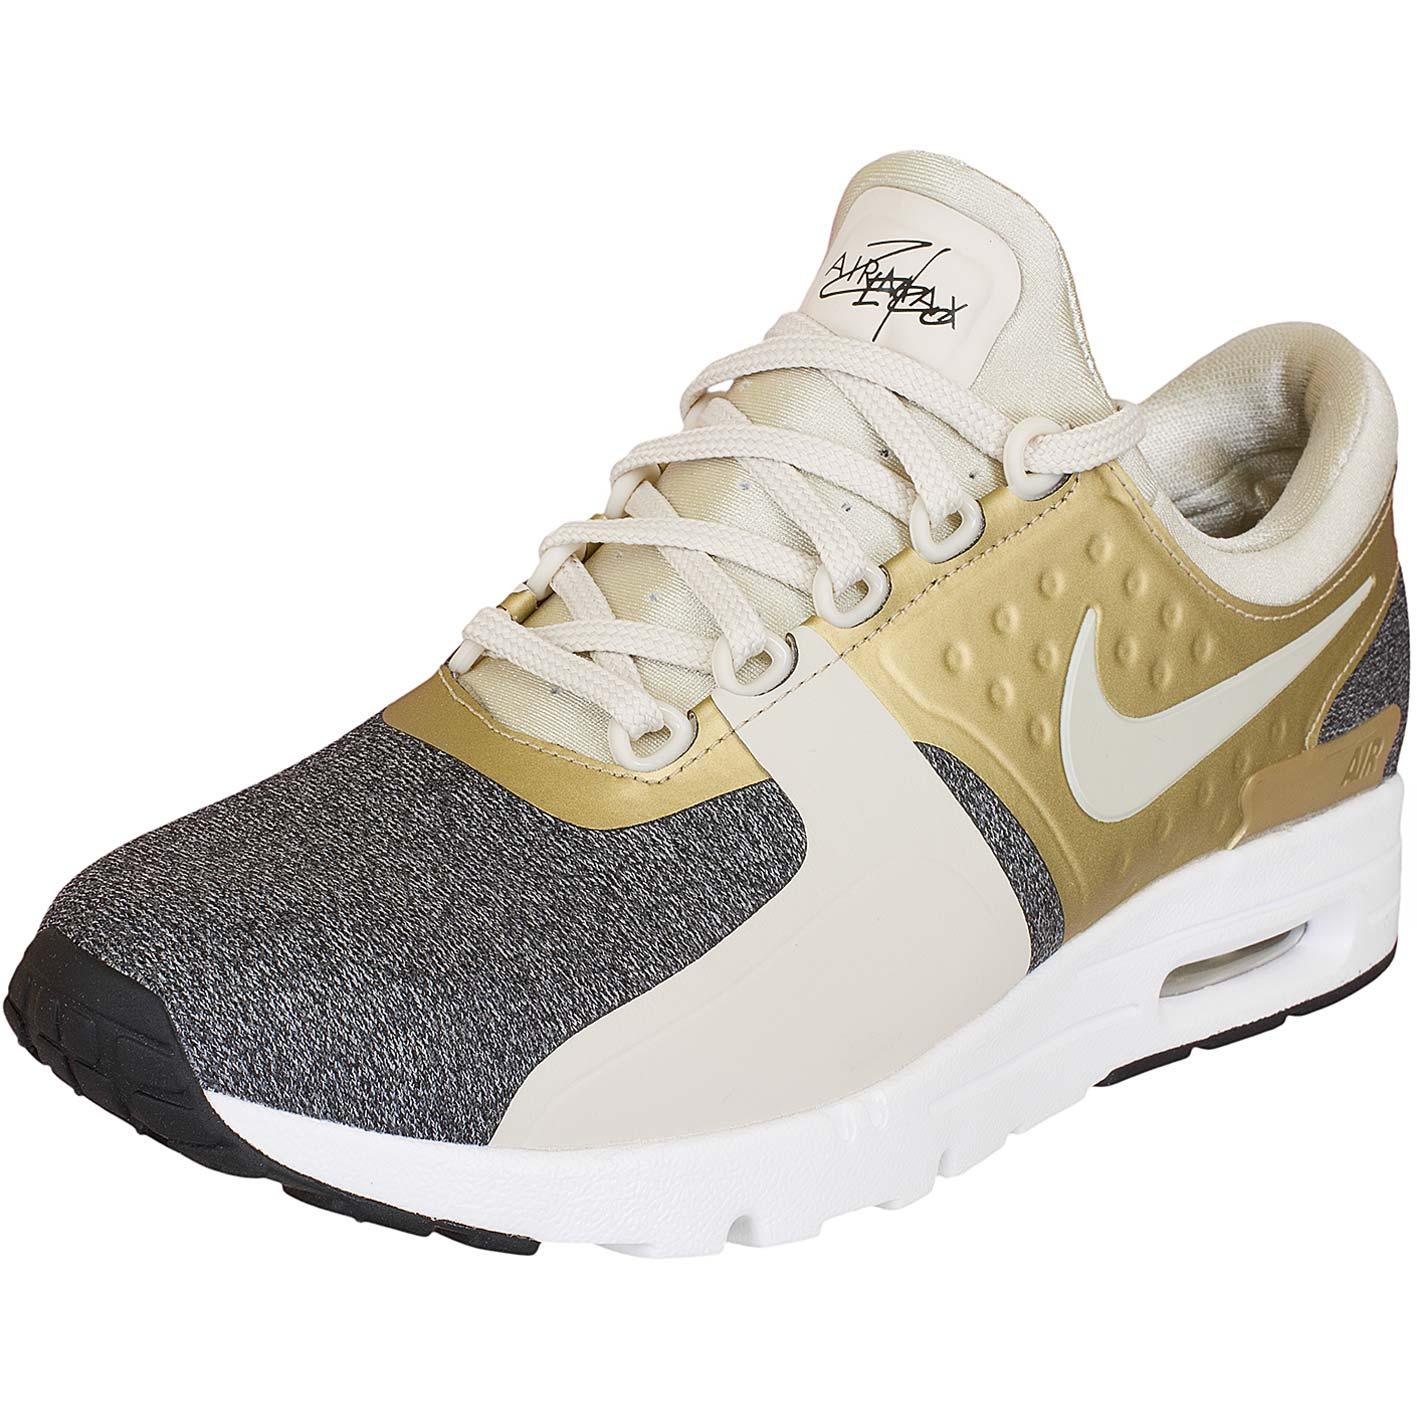 the latest e1ea1 a7915 ☆ Nike Damen Sneaker Air Max Zero Premium orewood - hier bestellen!